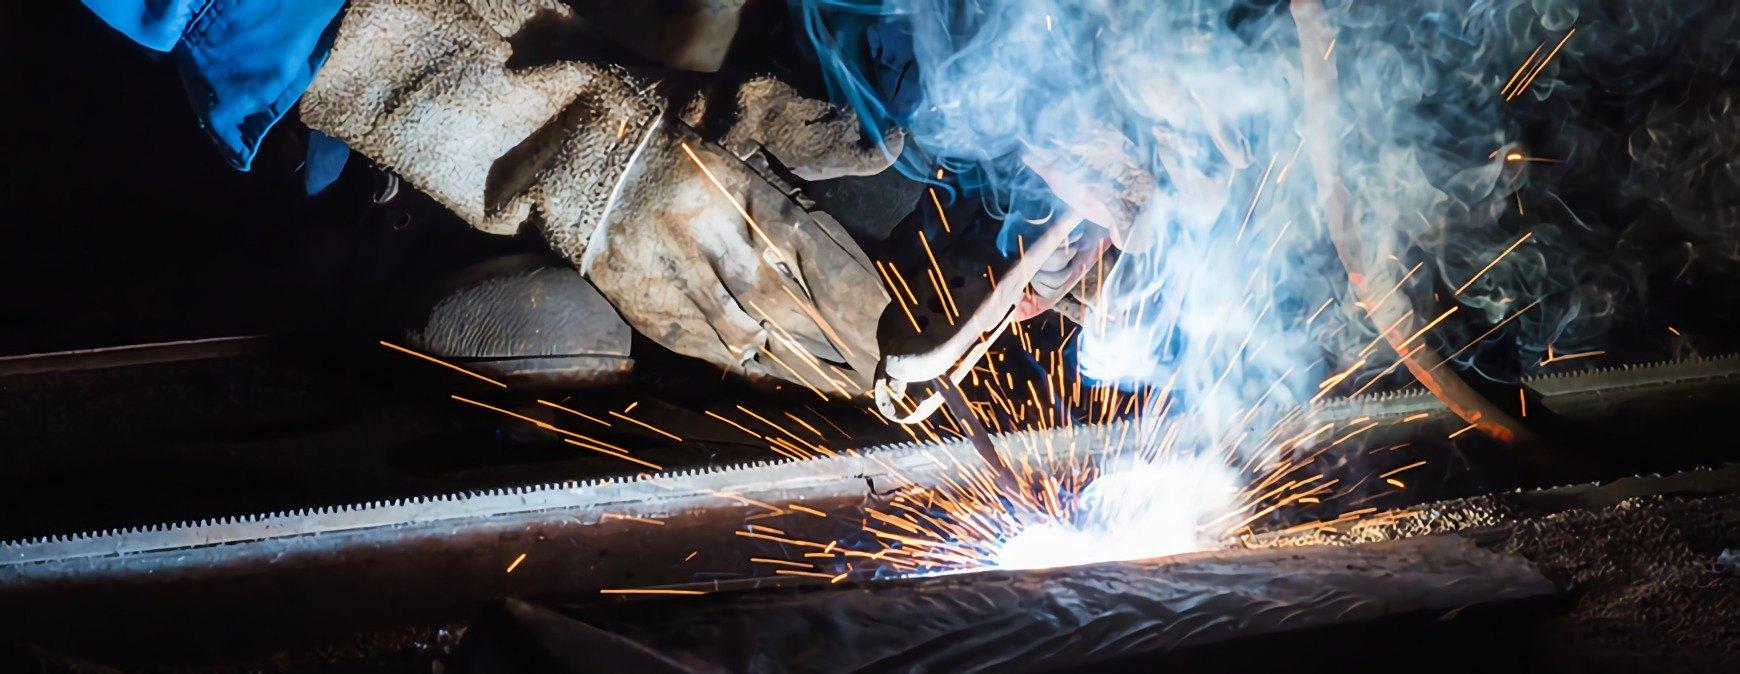 shield arc welding